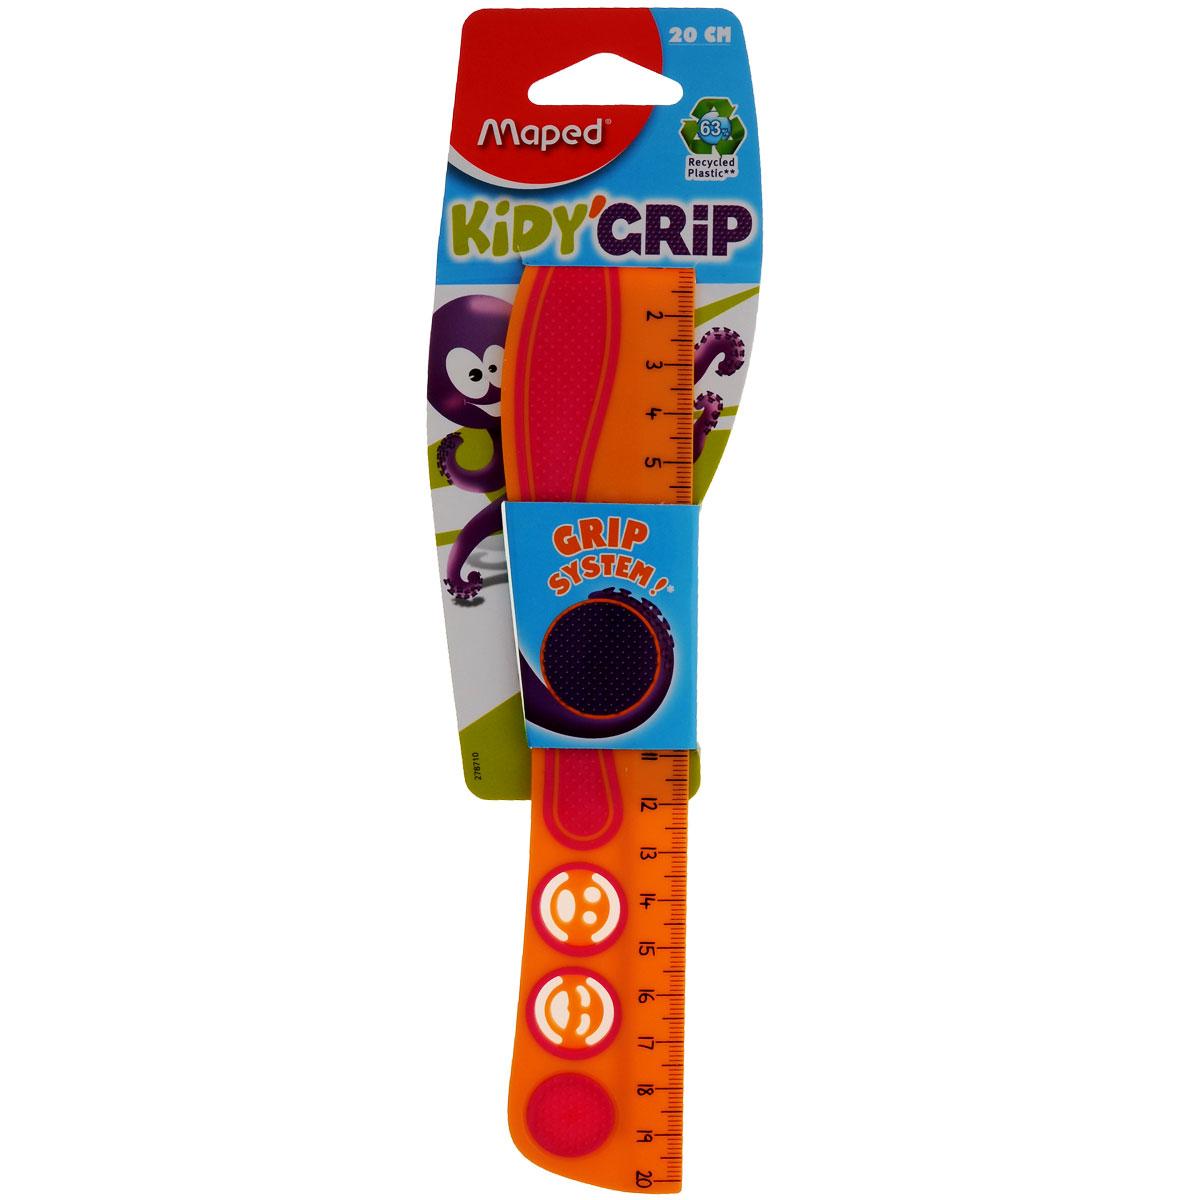 Линейка Maped Кidi Grip, нескользящая, 20 см, цвет: оранжевый, розовый278710_оранжевыйЛинейка Maped Кidi Grip удобна в использовании благодаря резиновой вставке, которая препятствует ее скольжению по бумаге. Необычная линейка длиной 20 см дополнена забавными трафаретами в виде смайликов.